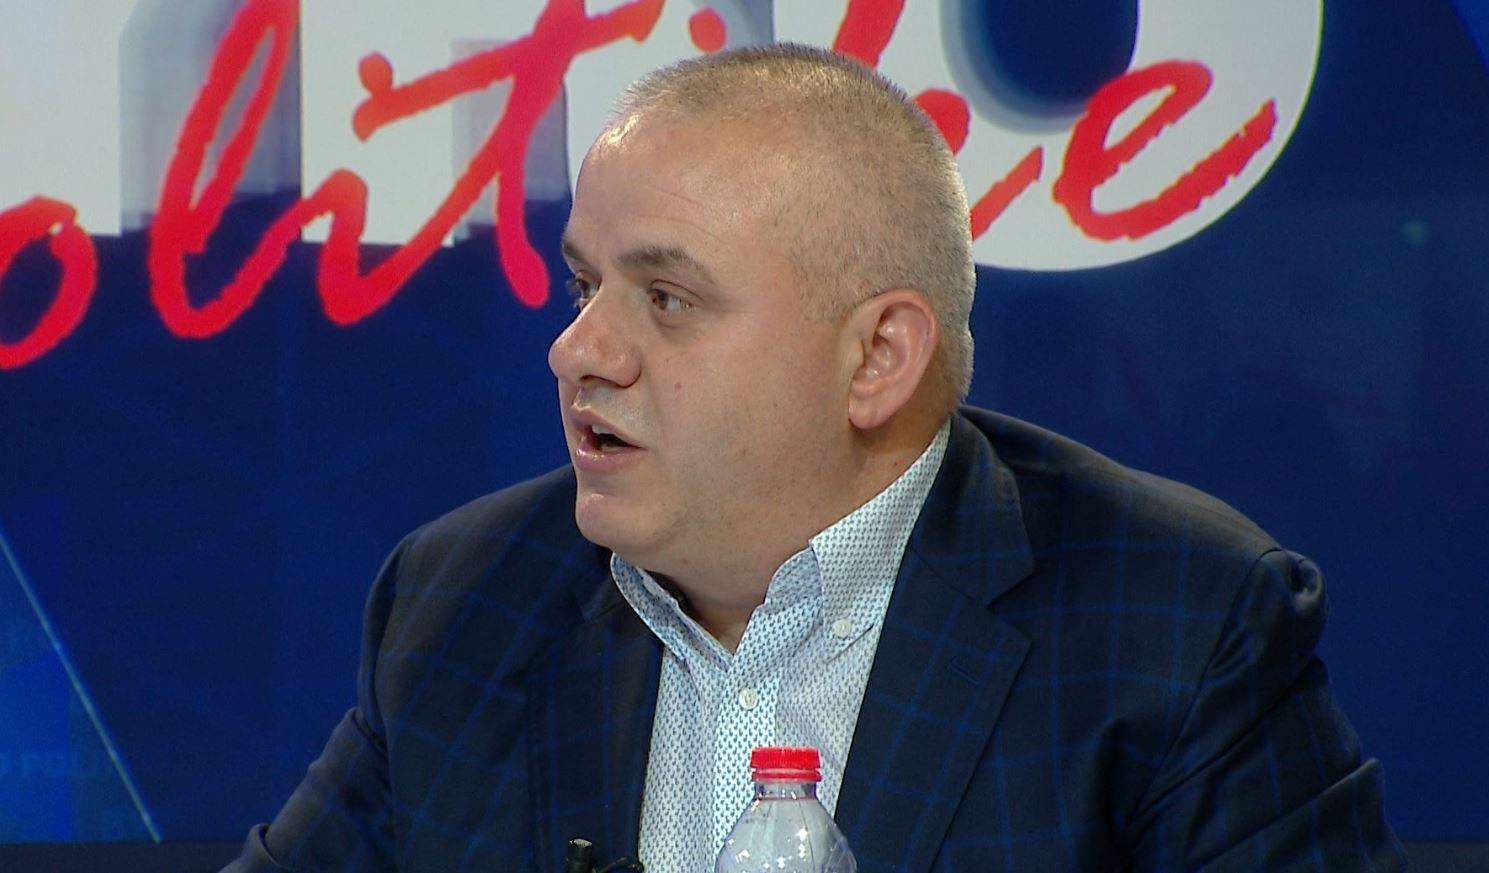 """Rrëmbimi i Jan Prengës, Artan Hoxha publikon telefonatën me """"bosin"""" e kokainës Dritan Rexhepi"""